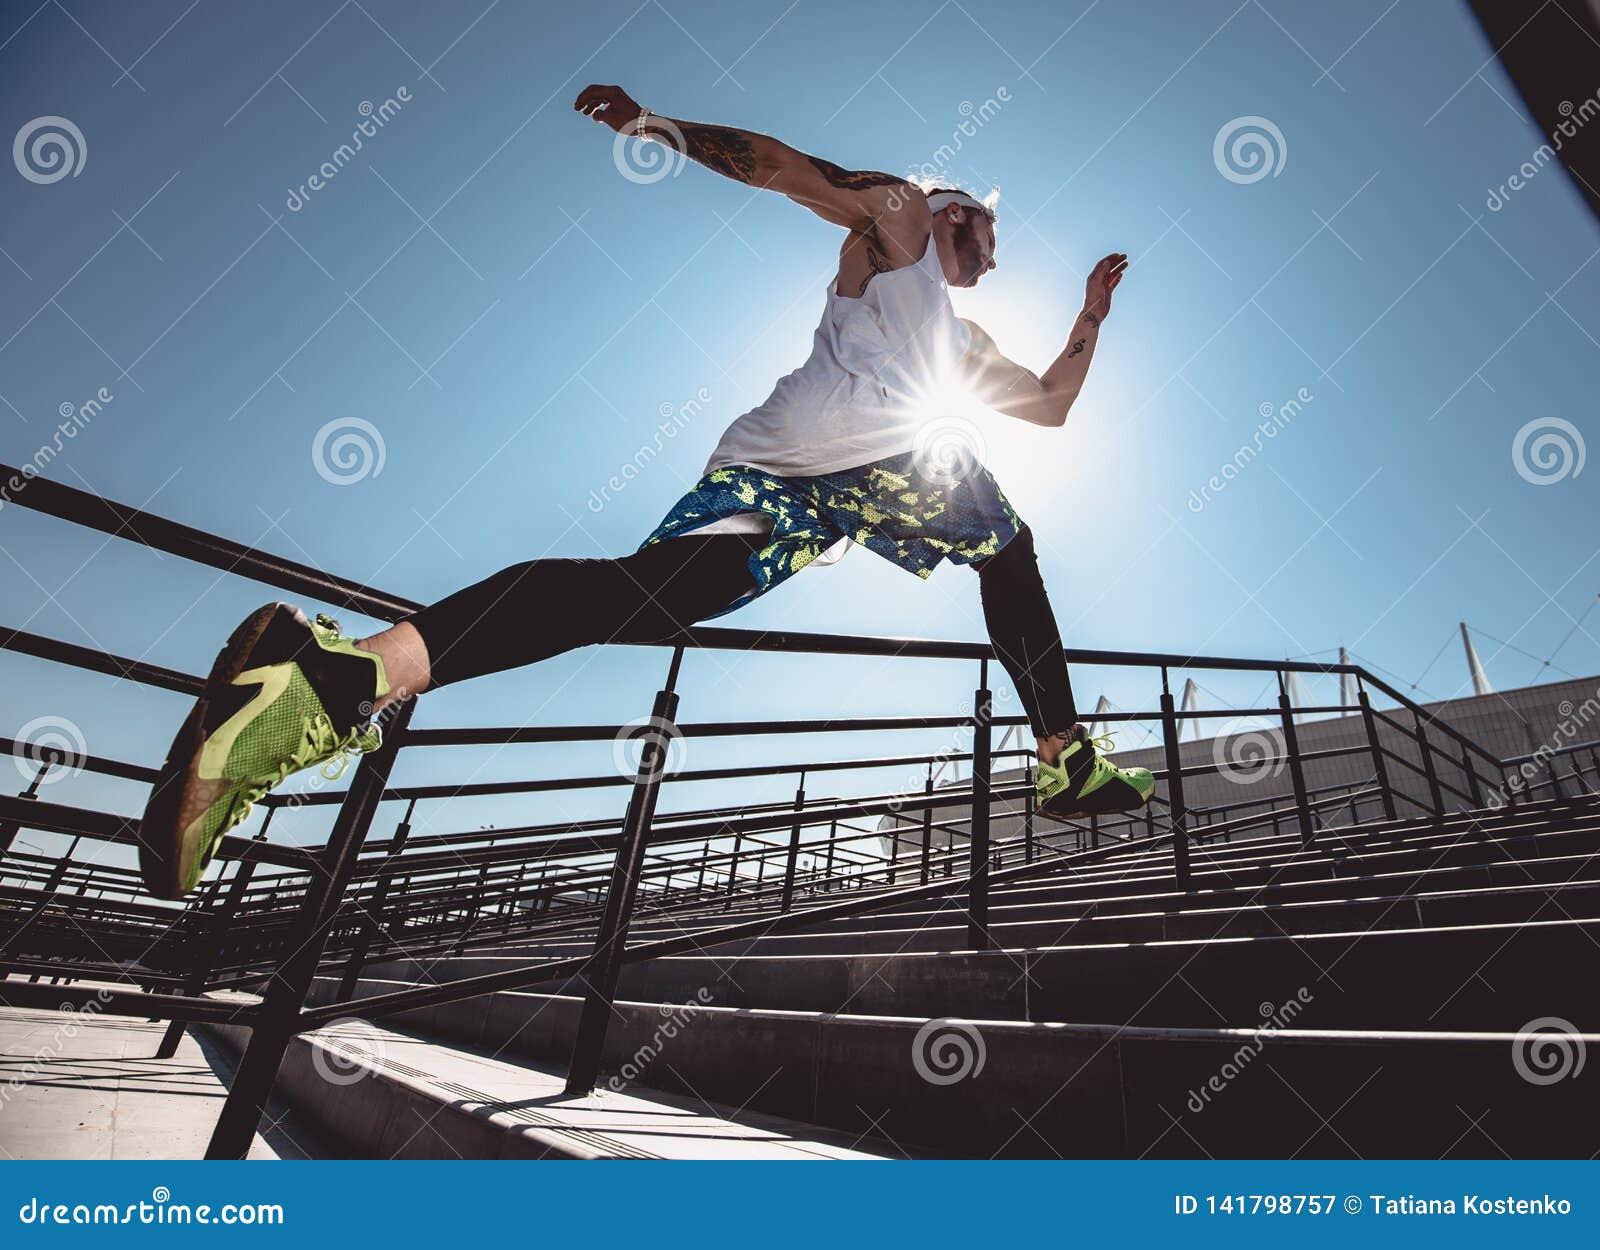 Stilig ung muskulös man i modern sportklädkörning upp trappan som är utomhus- på den ljusa soliga dagen Brett vinkelfoto av